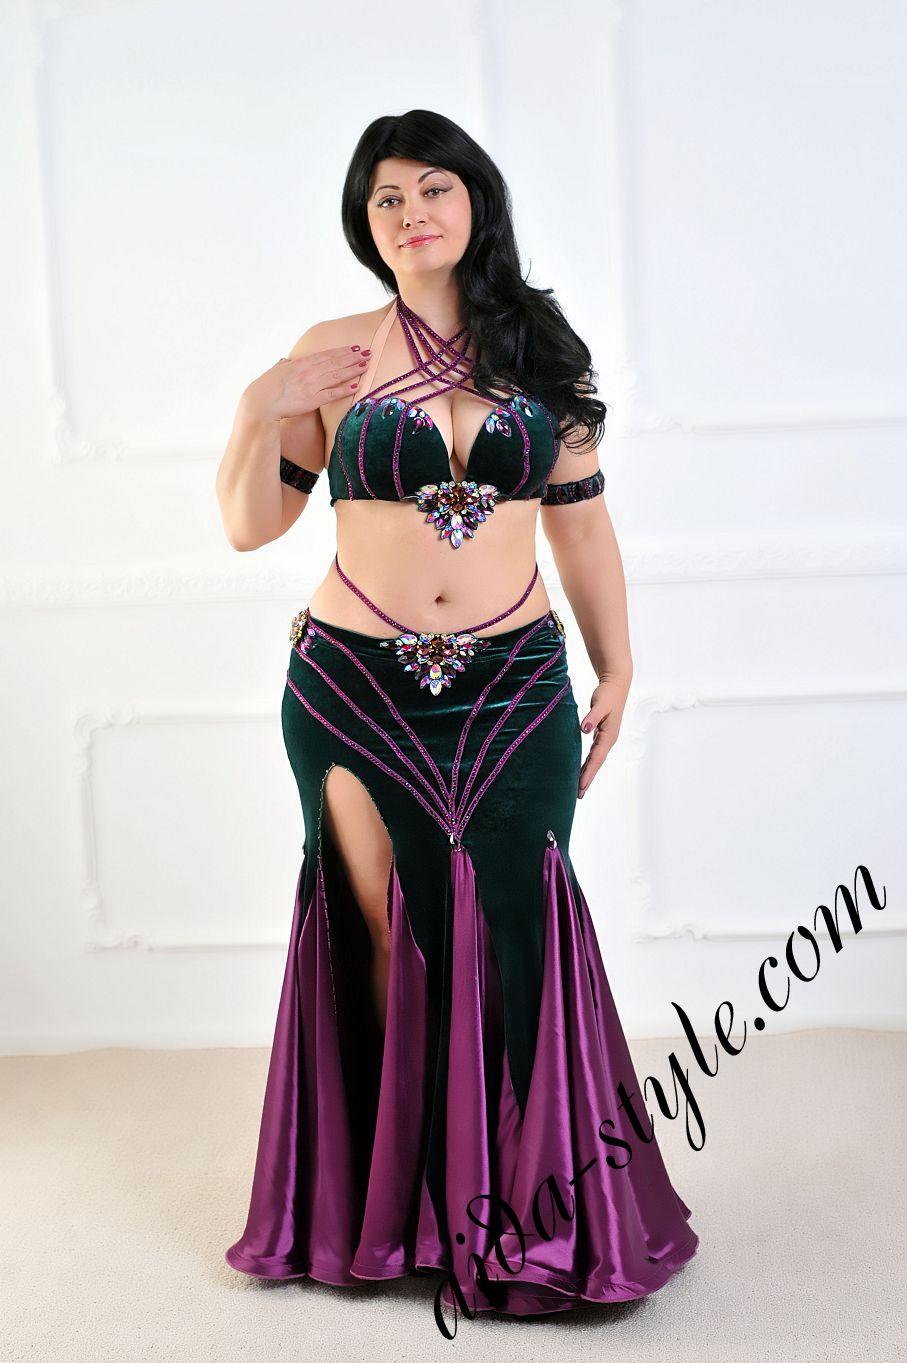 aida style belly dance costume in velvet